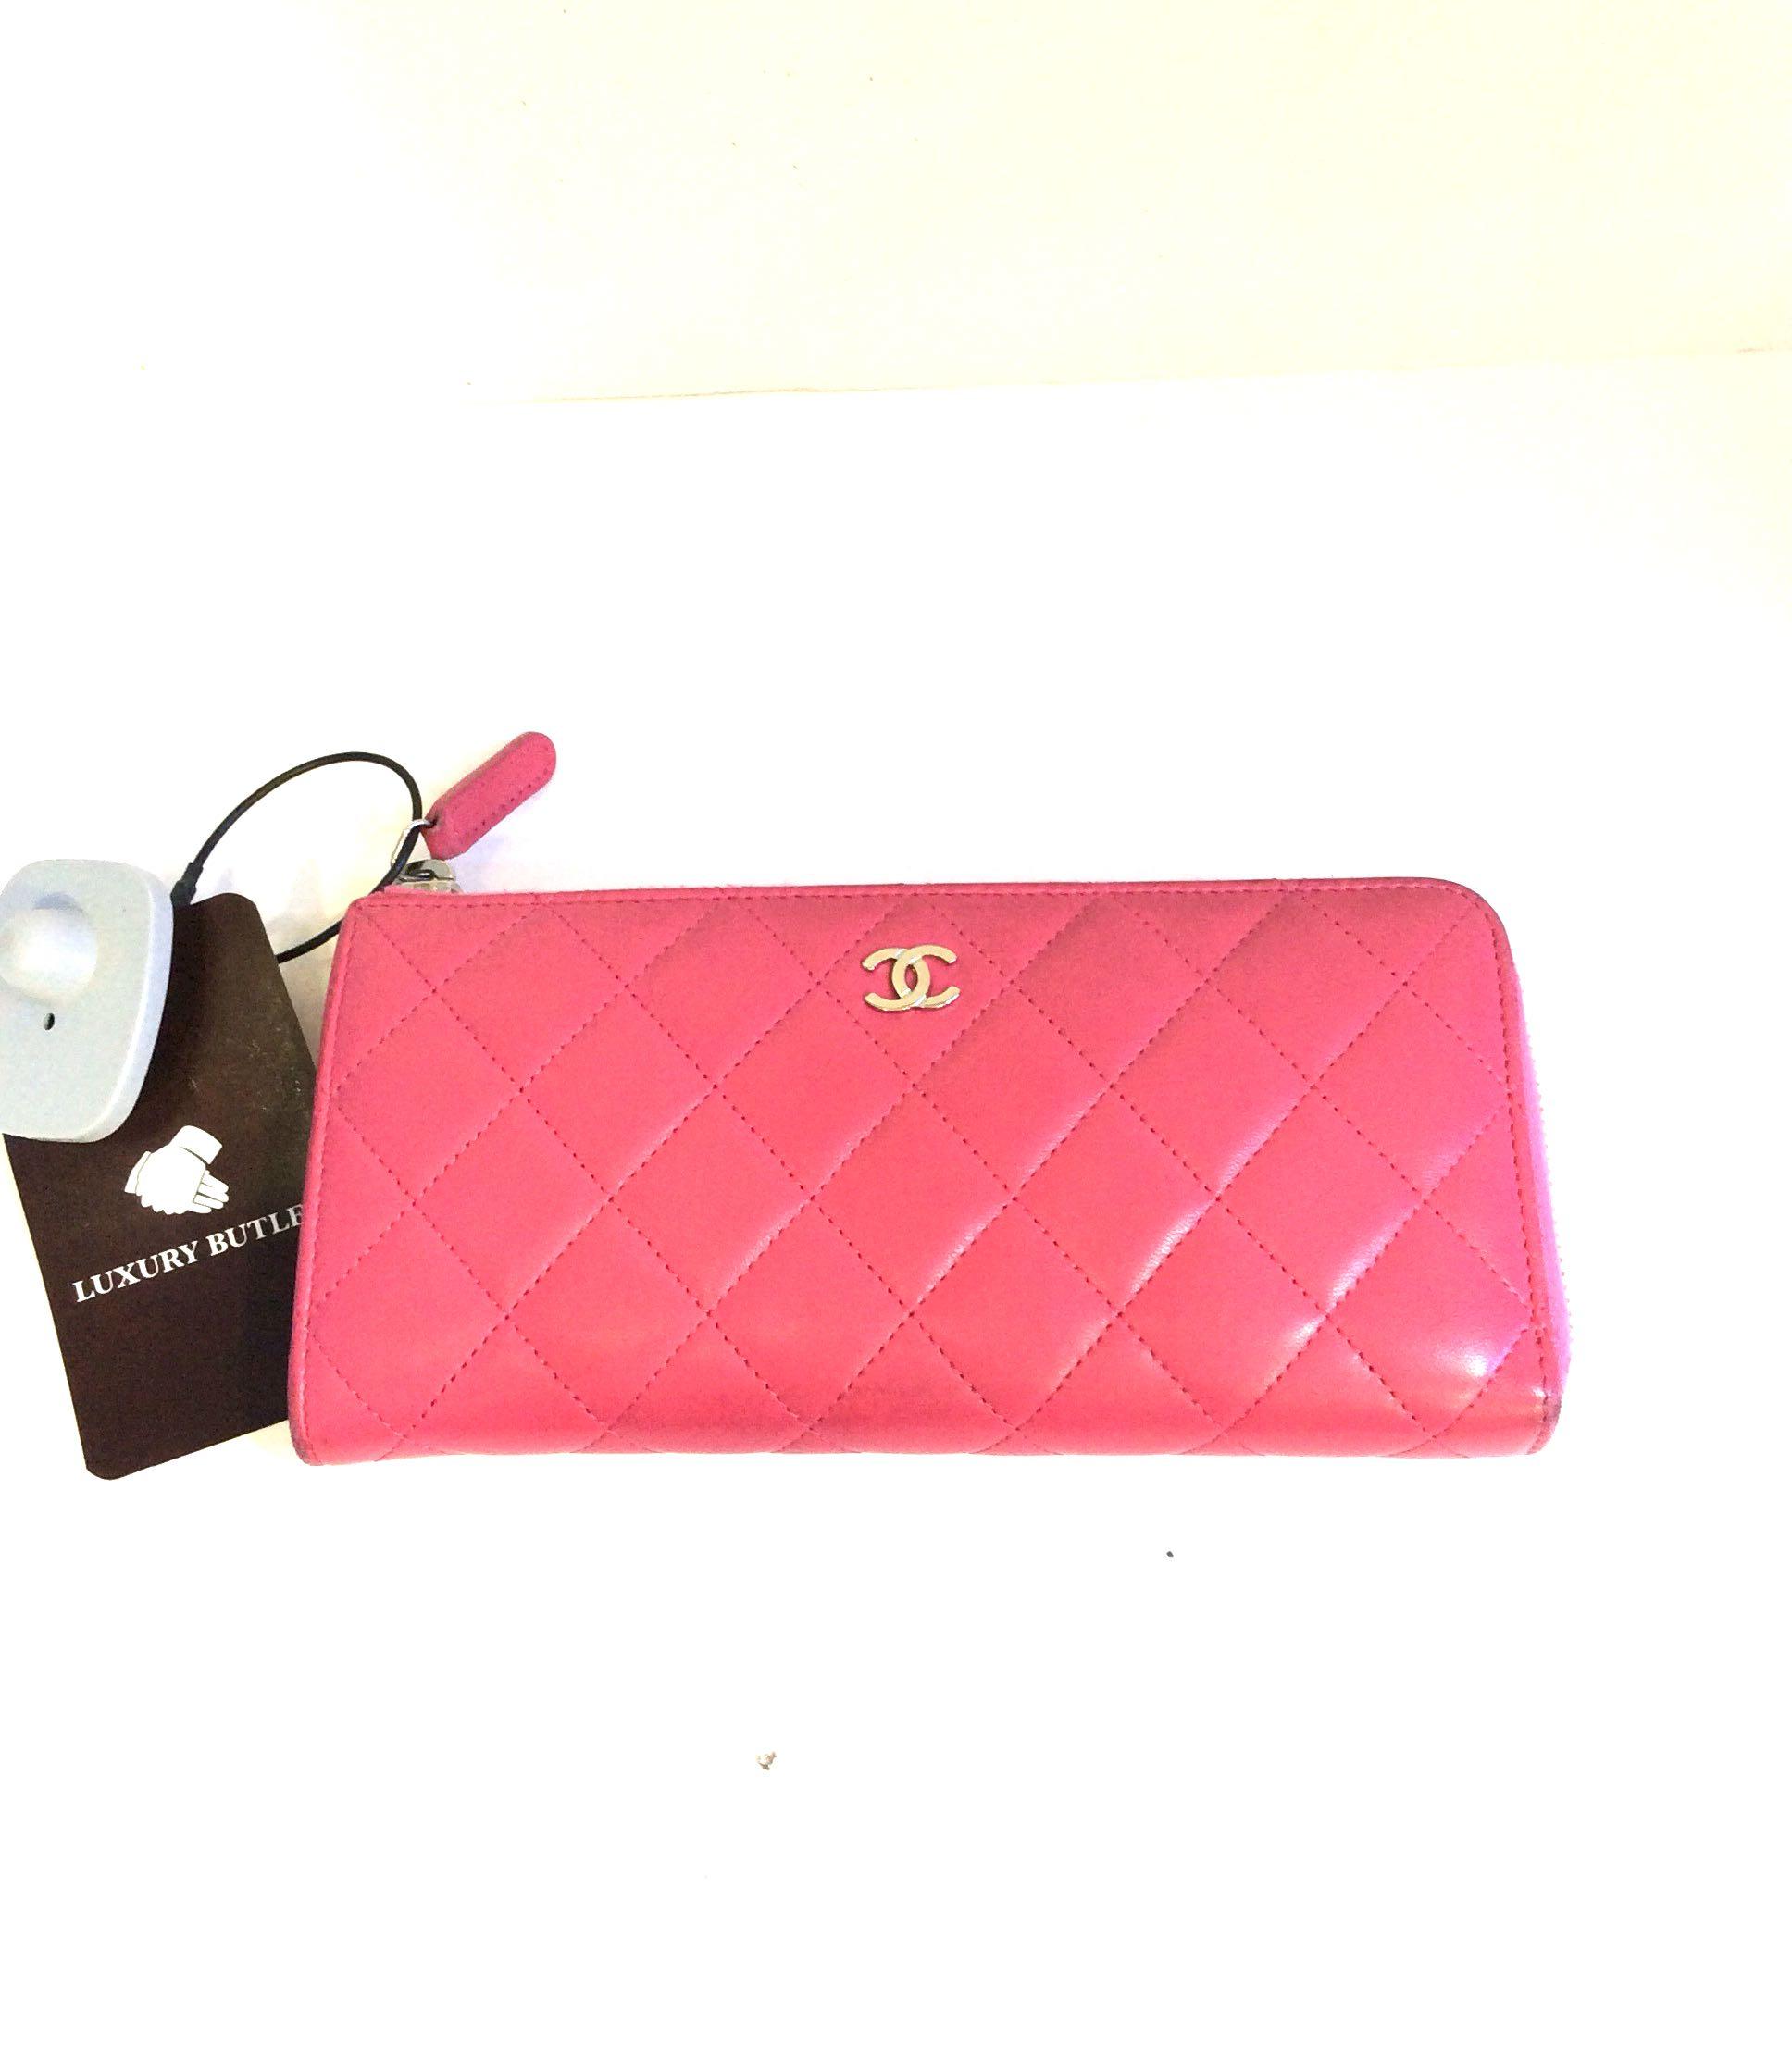 f7e8db3deb2519 Preloved Chanel zipped Wallet, Women's Fashion, Bags & Wallets ...